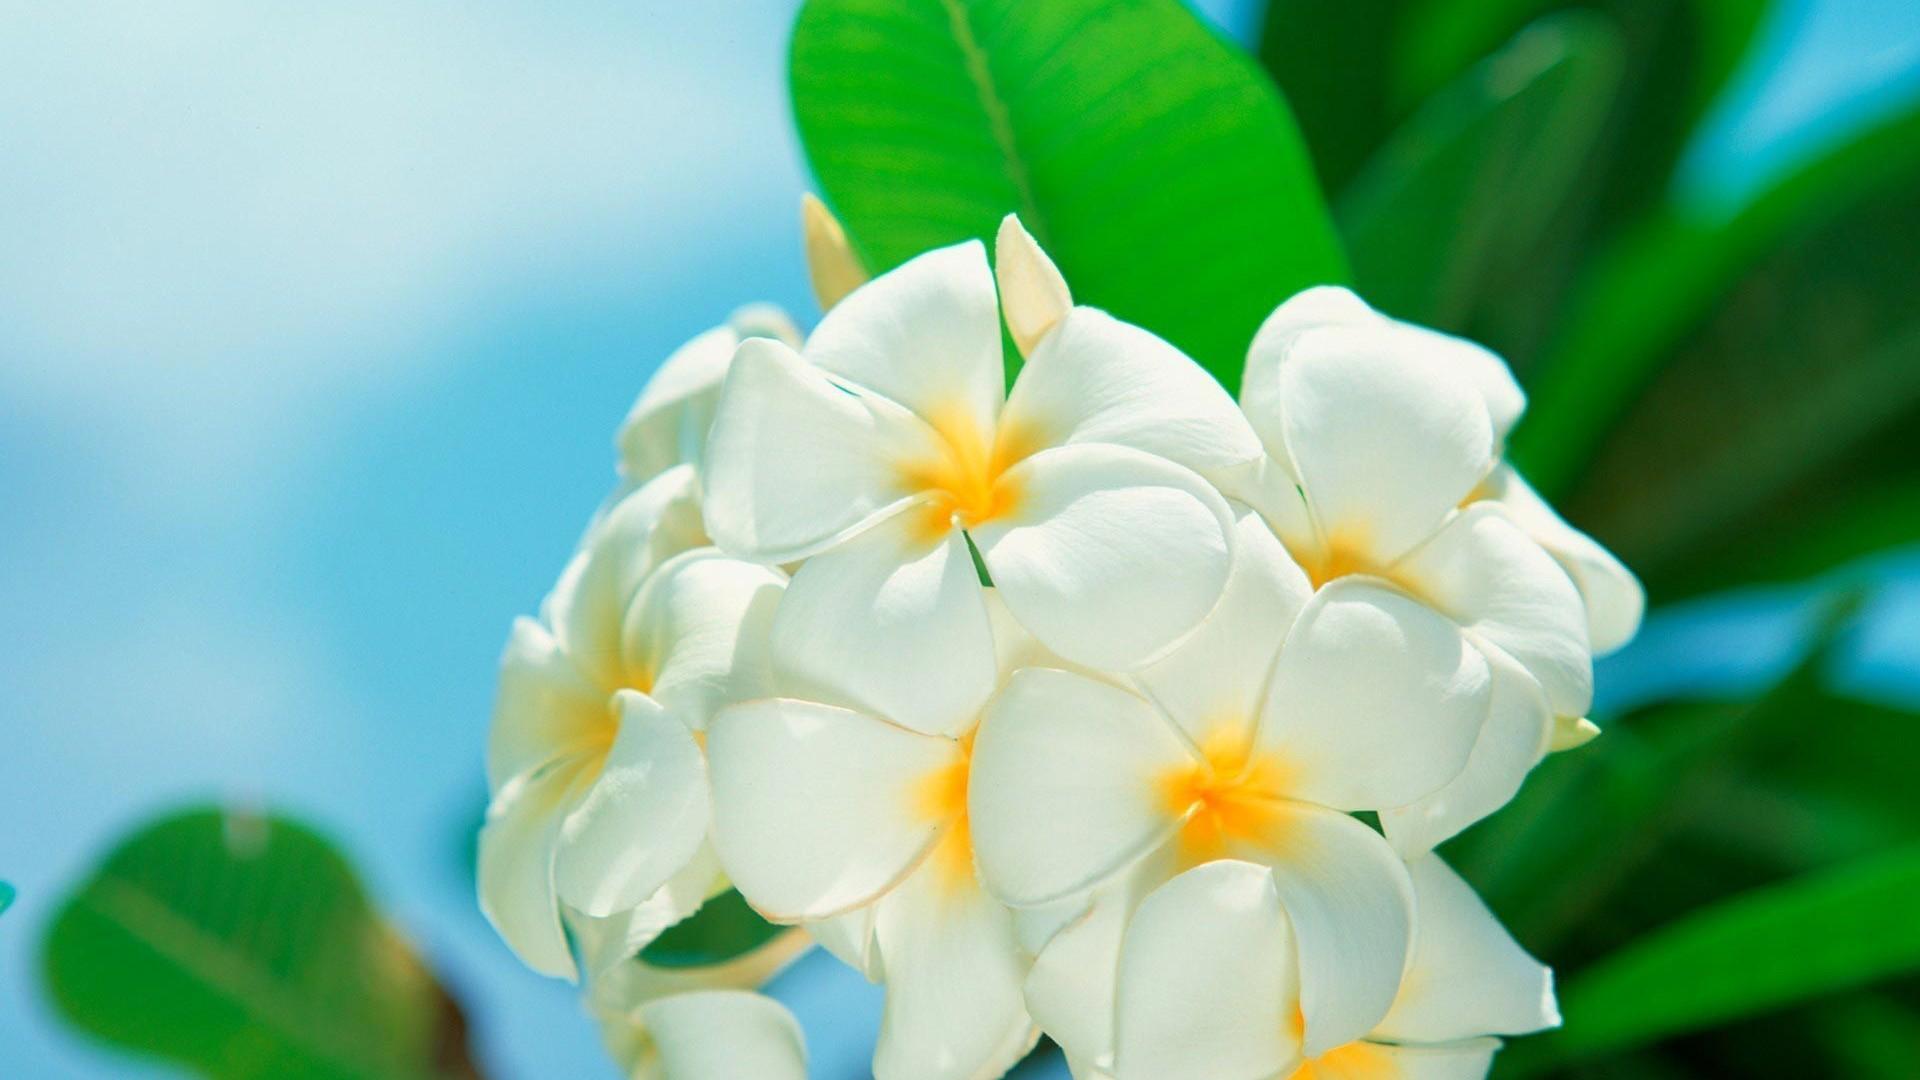 Wallpaper Cars Wallpaper White Flowers Hd Desktop Wallpapers 4k Hd